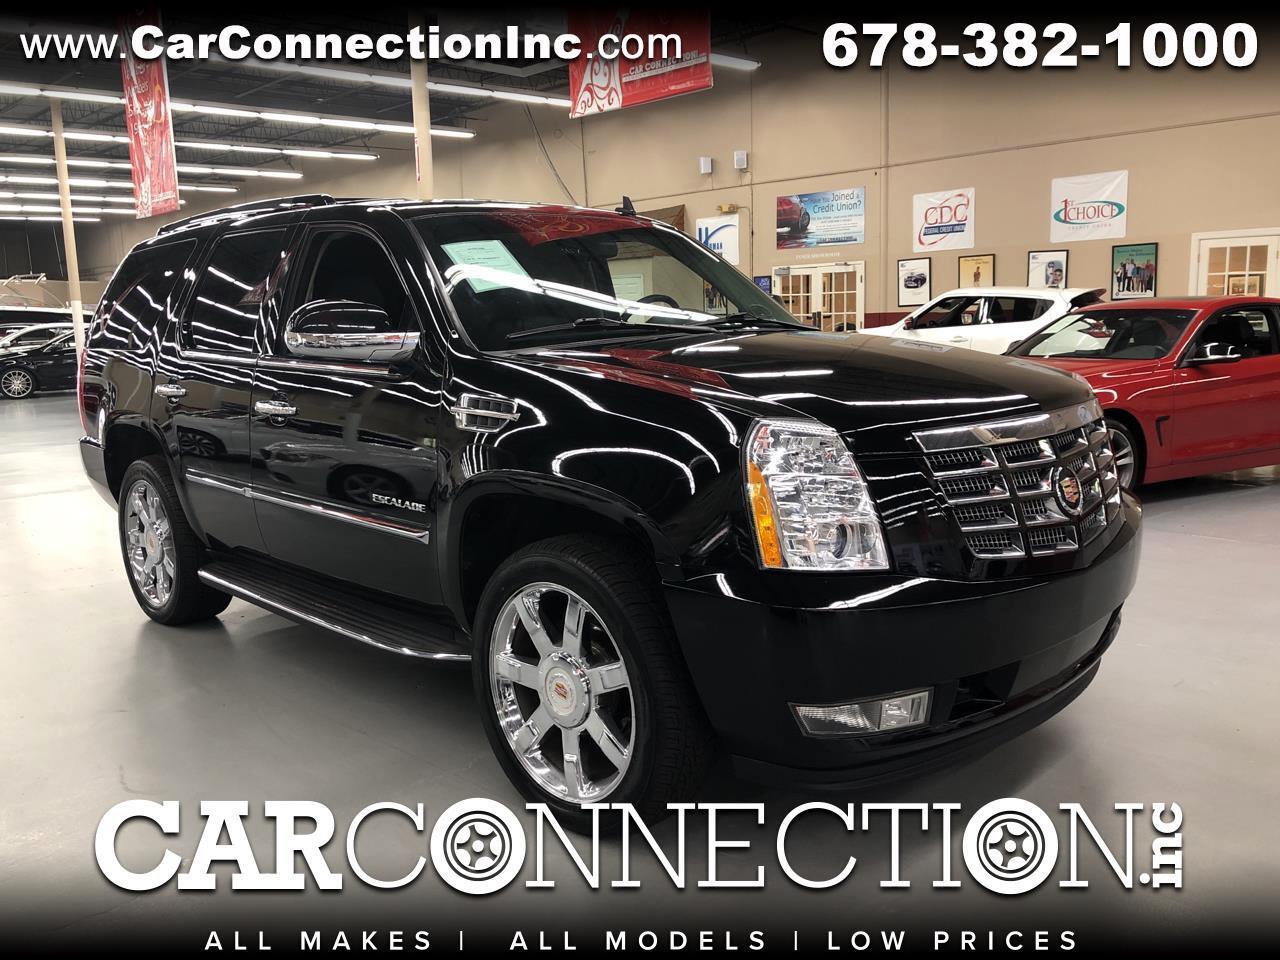 2013 Cadillac Escalade Luxury 2WD